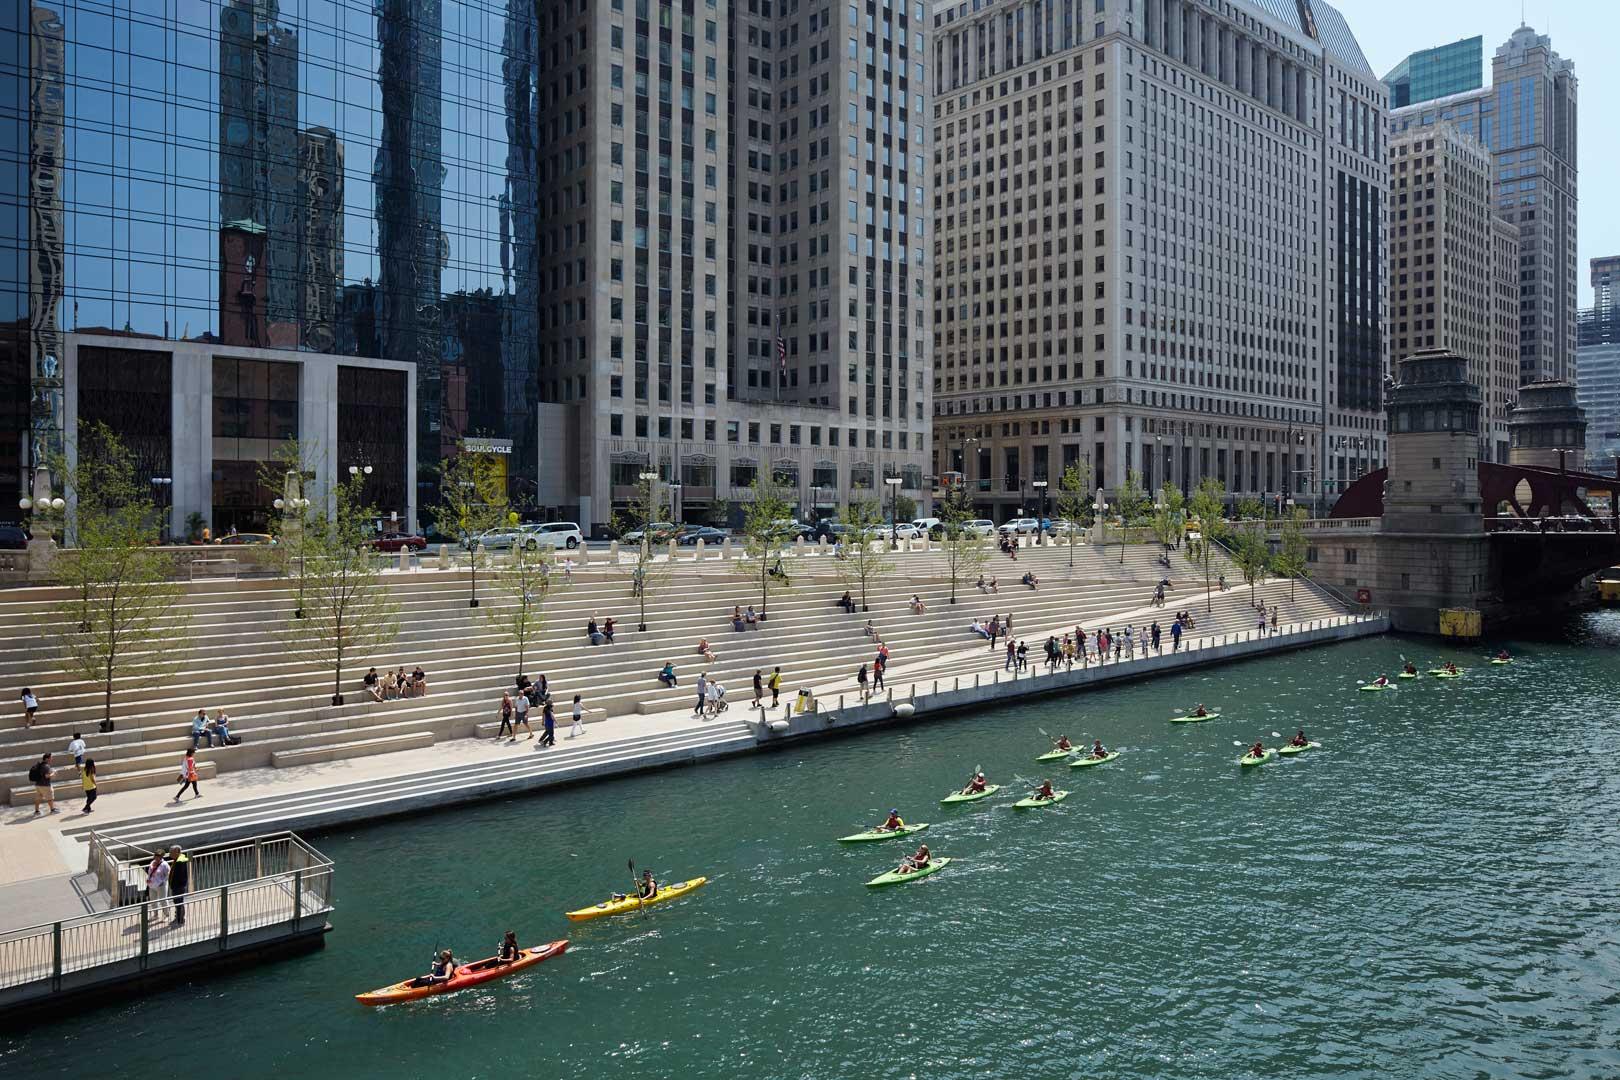 Chicago_Riverwalk_27